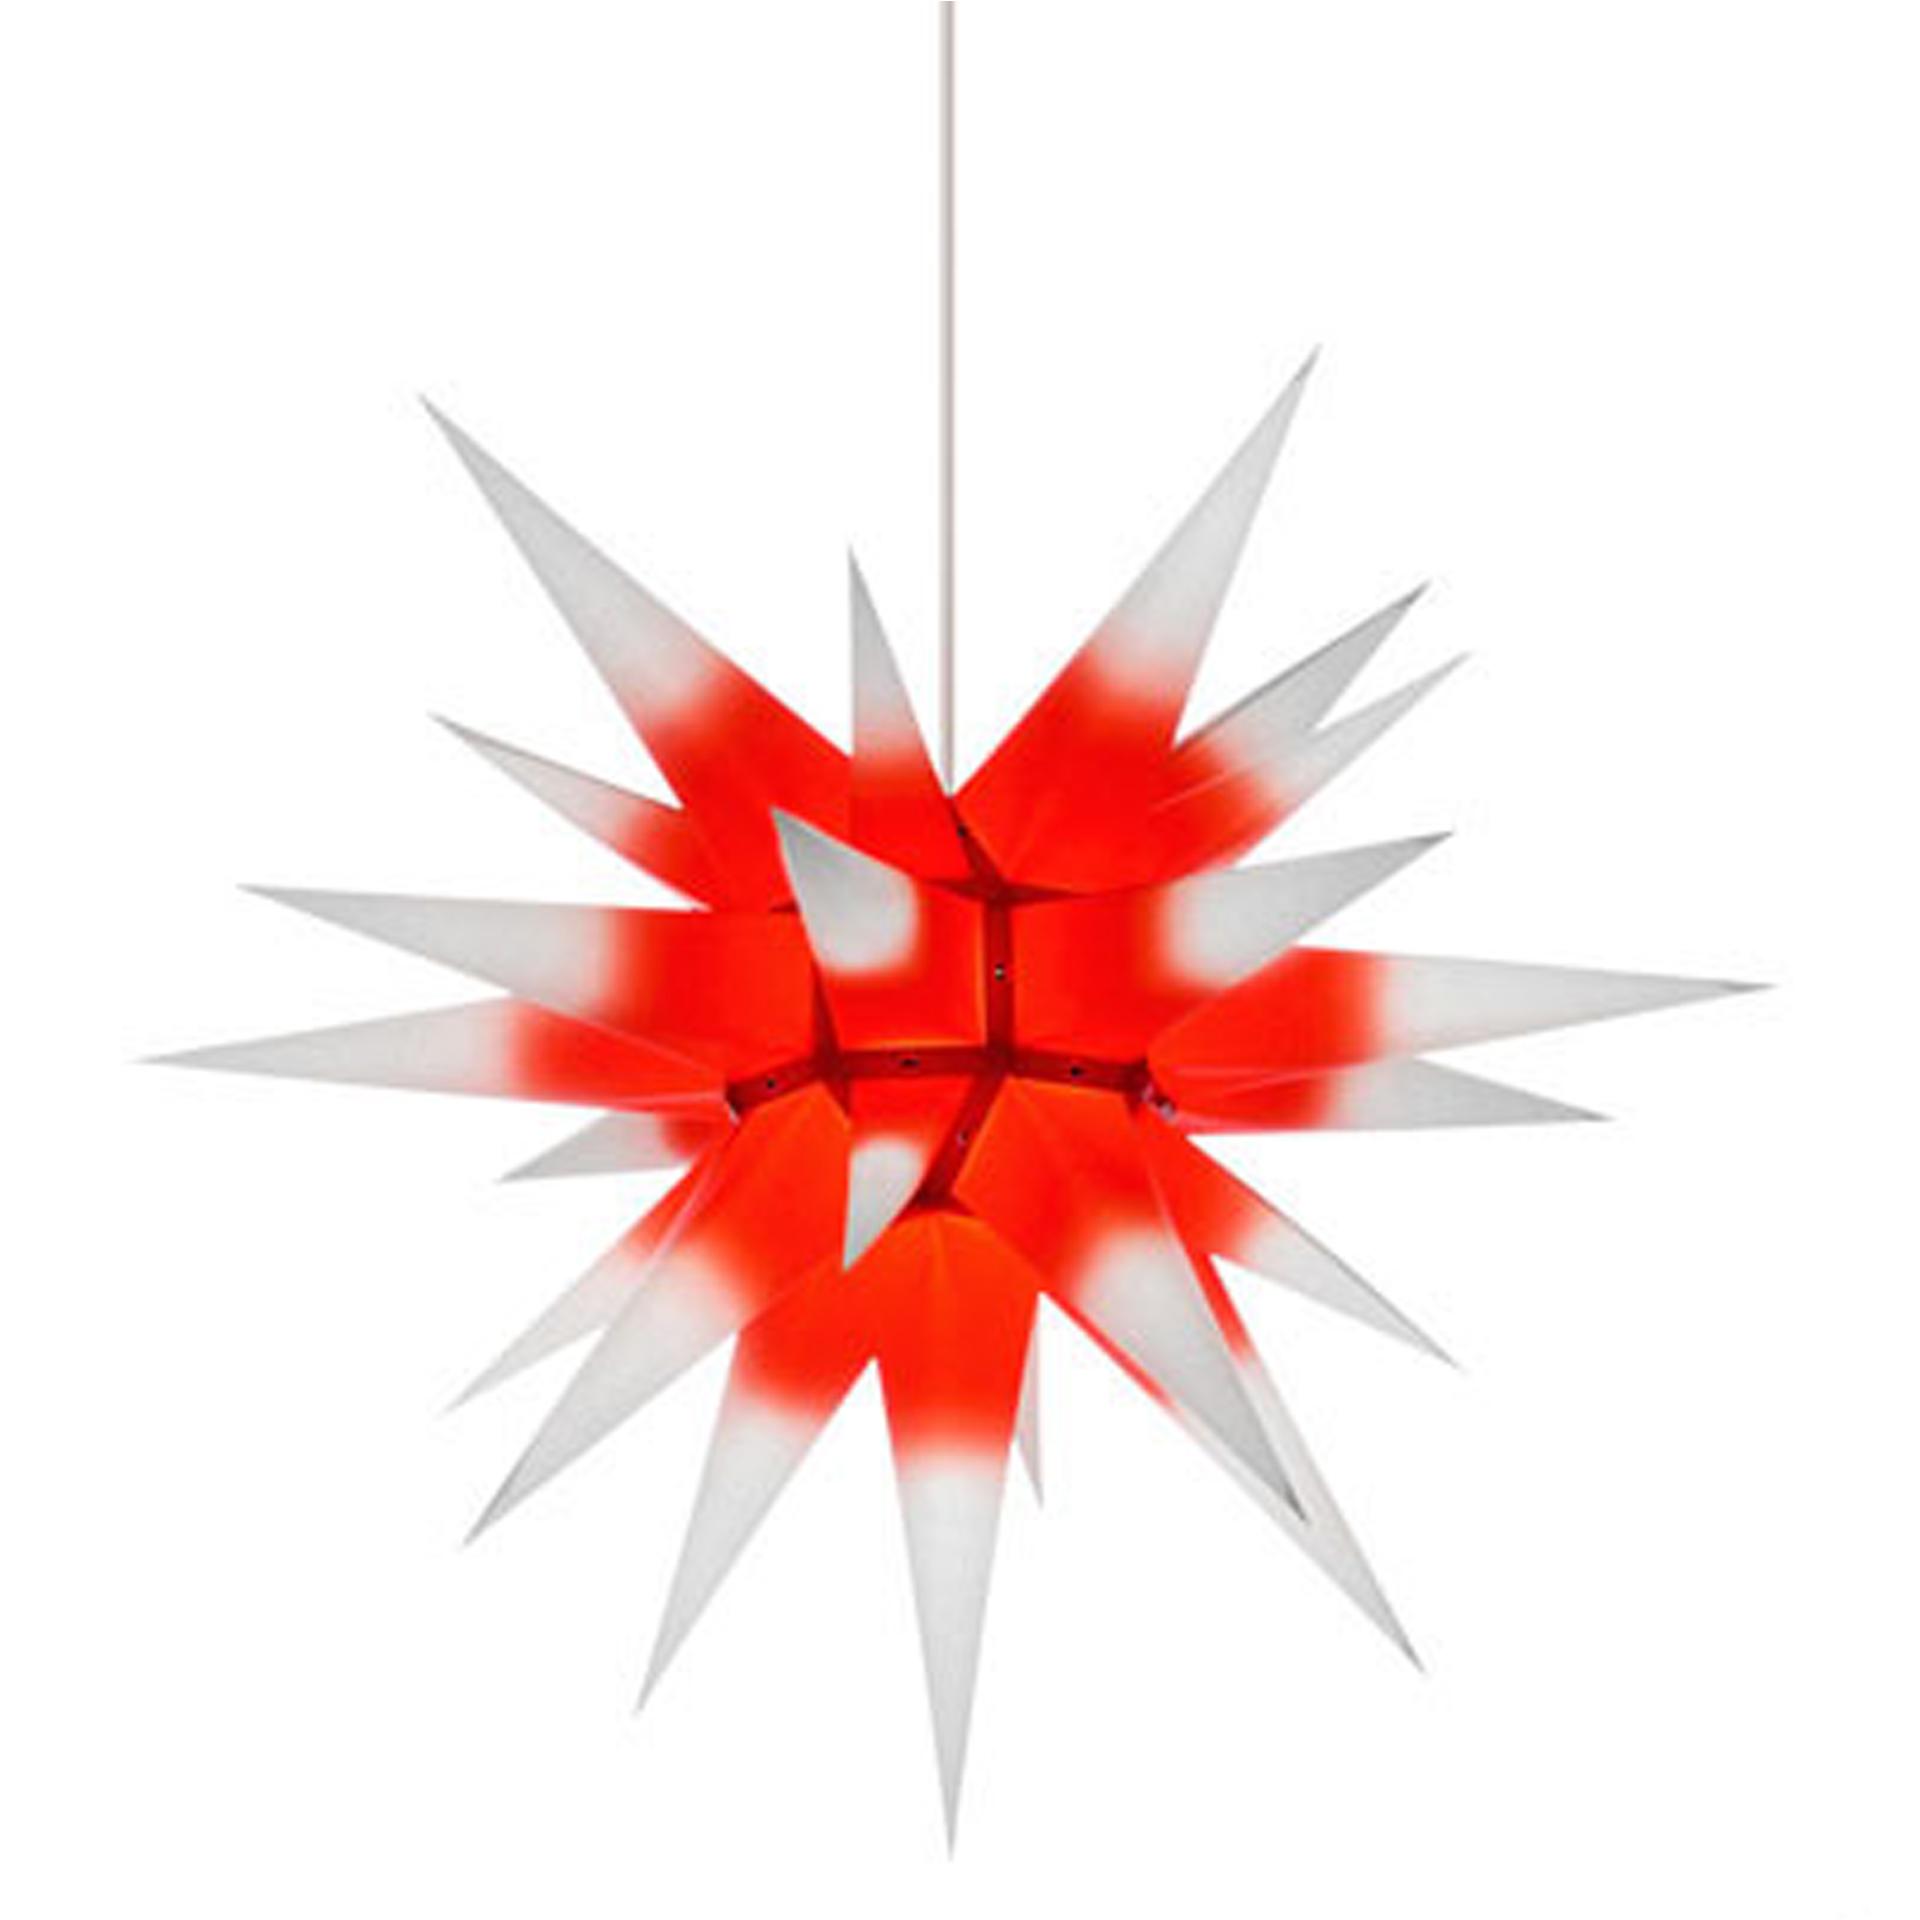 Herrnhuter Innenstern I6, weiß mit rotem Kern